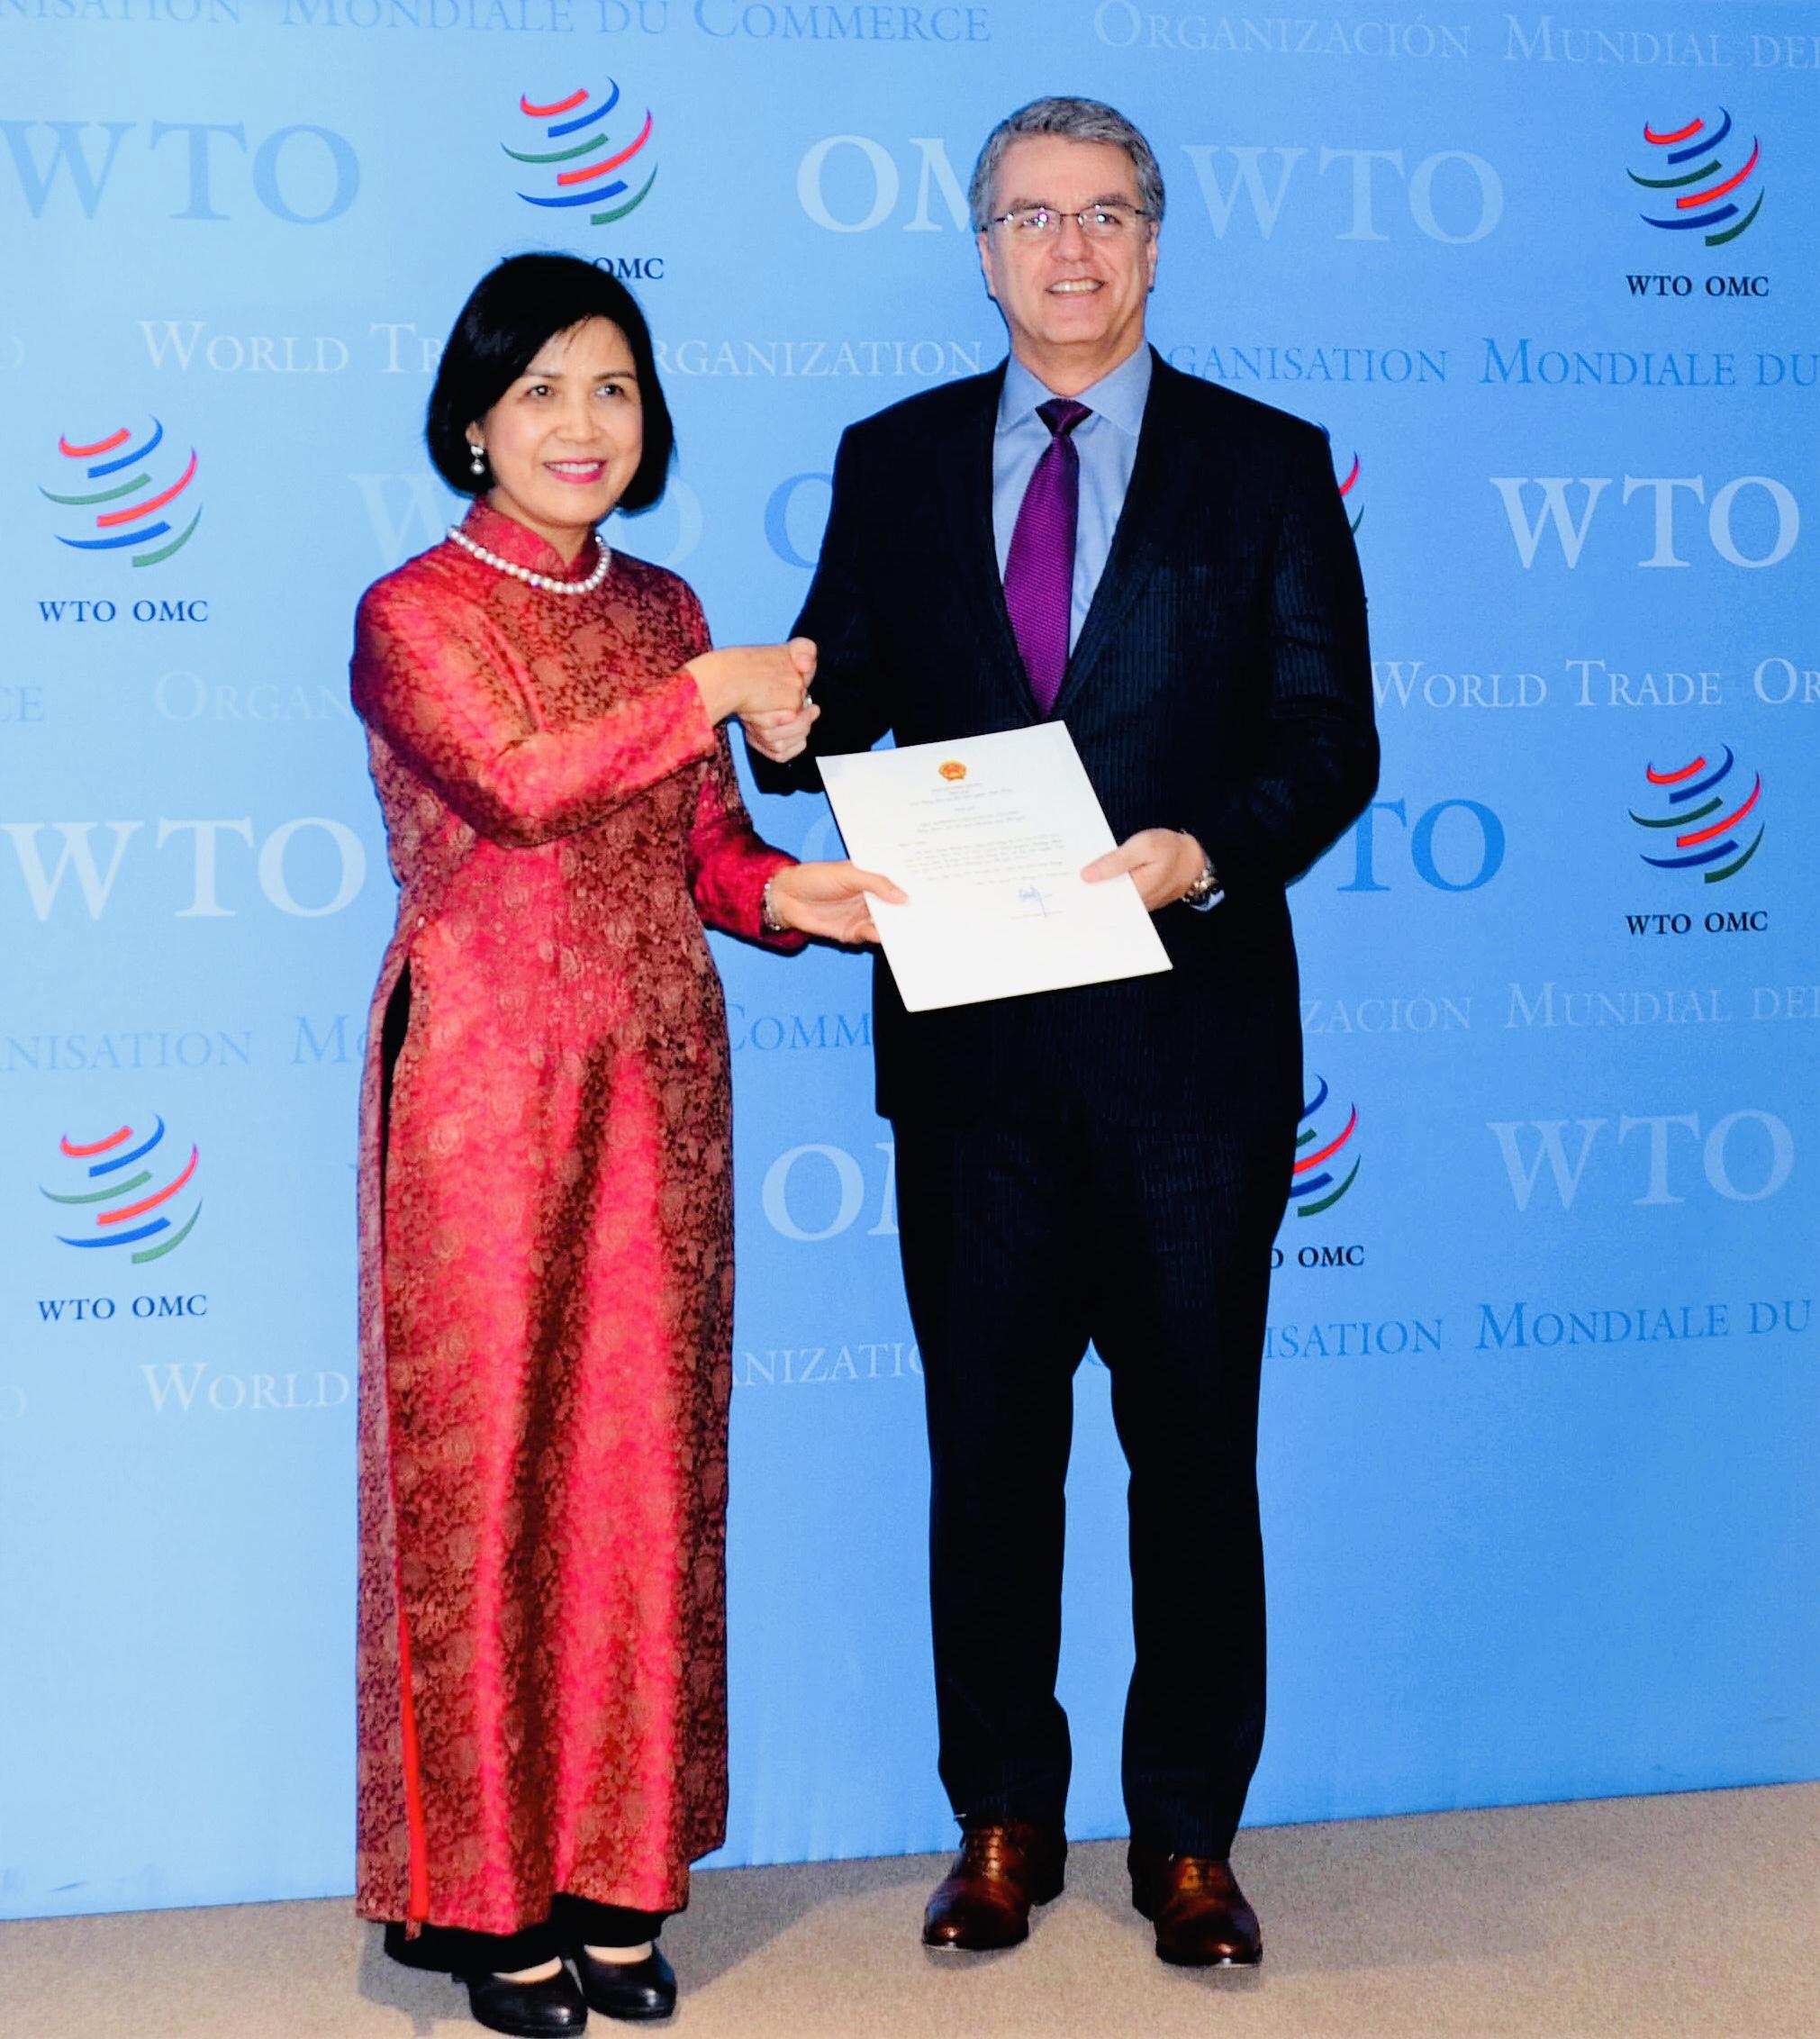 Đại sứ Lê Thị Tuyết Mai trình Thư ủy nhiệm của Chủ tịch nước đến Tổng Giám đốc WTO